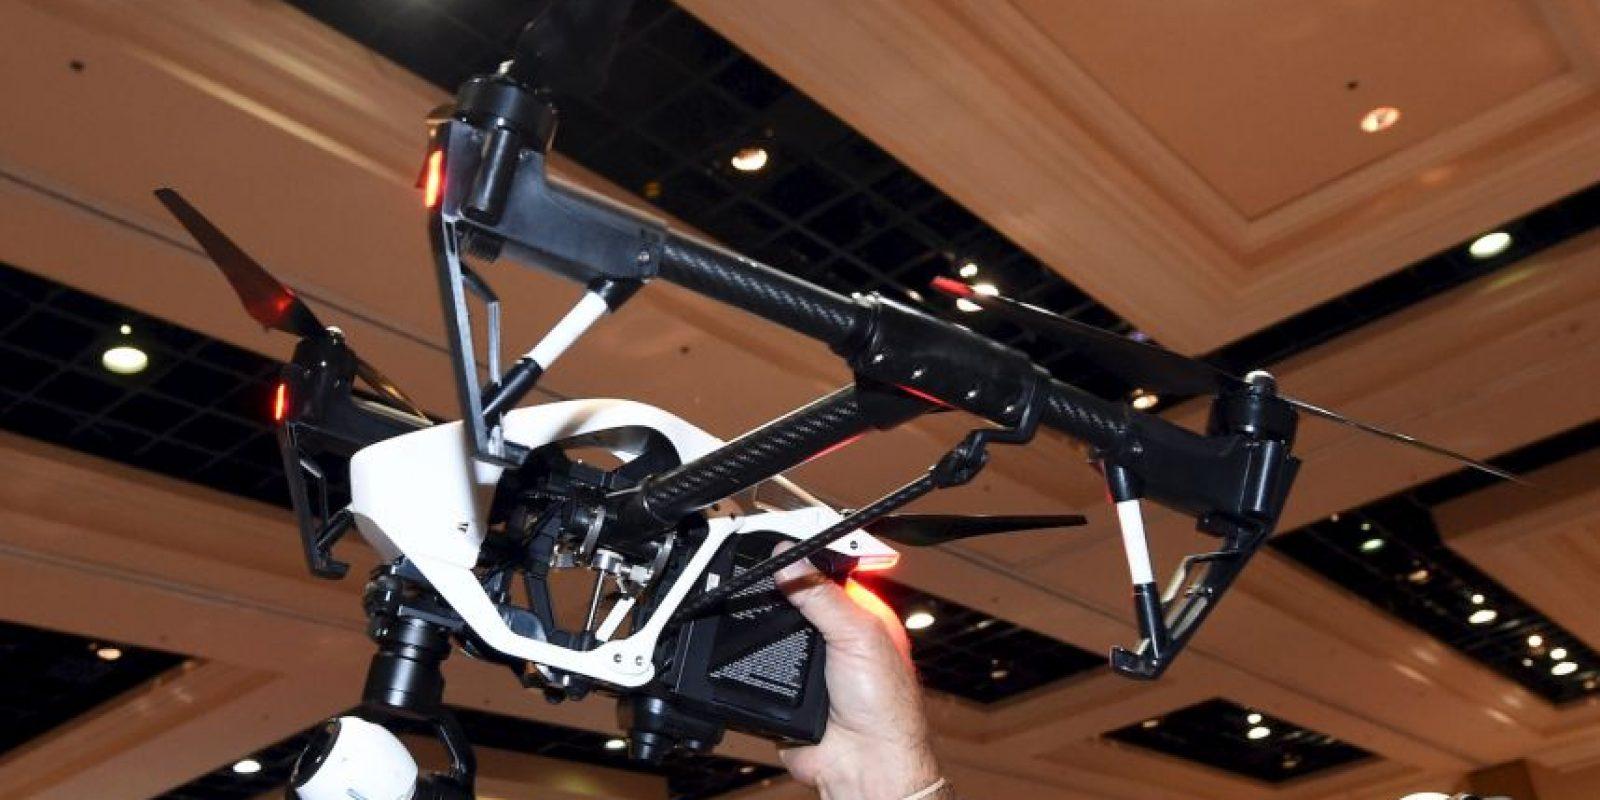 Los vuelos de los dispositivos durarán 20 minutos. Se espera que durante el mes de agosto se comiencen el trabajo con los drones. Foto:Getty Images